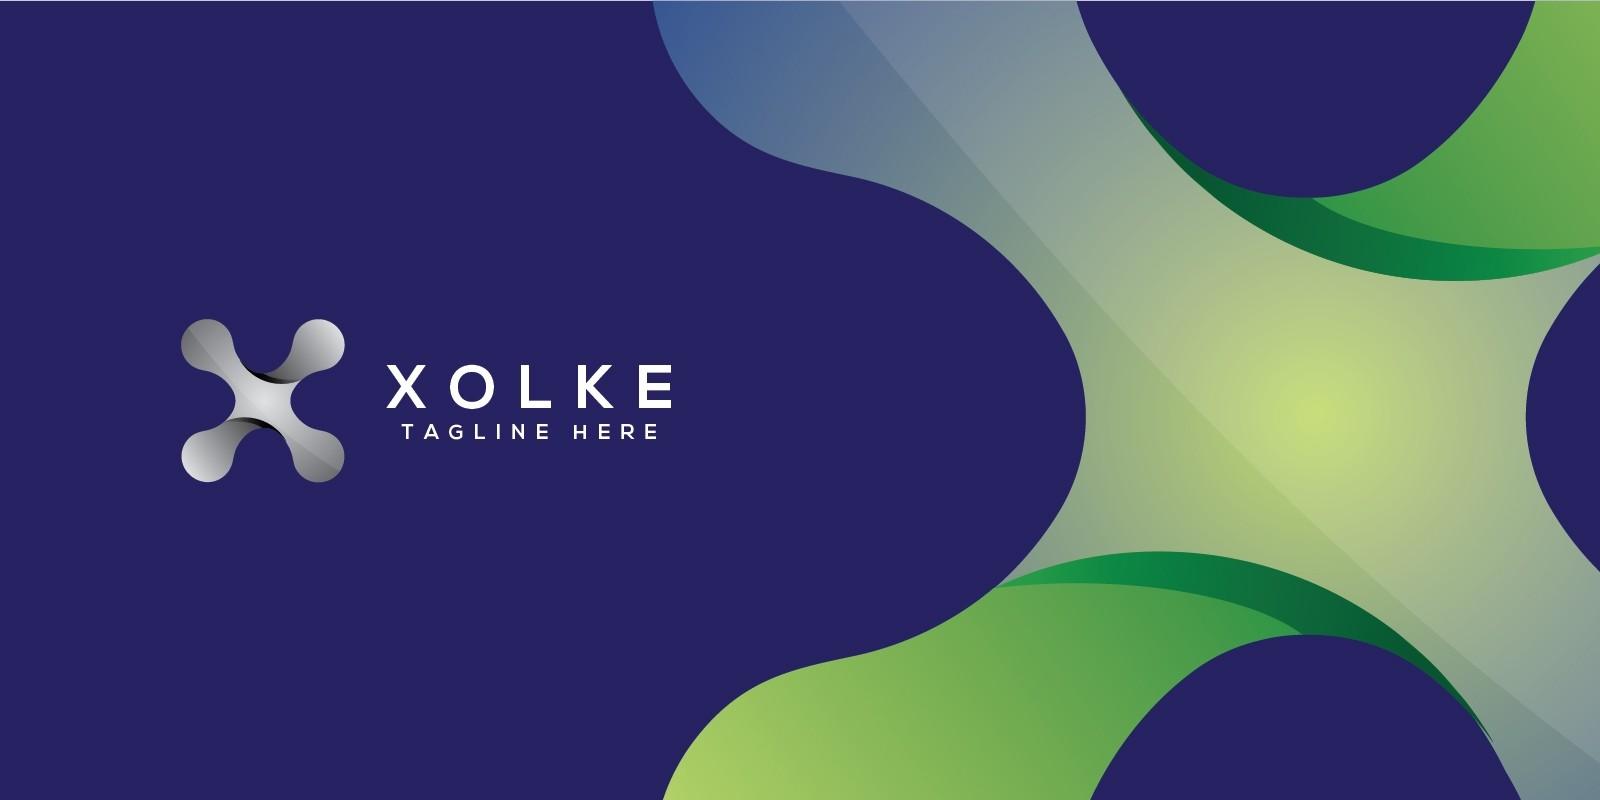 Xolke - Letter X Logo